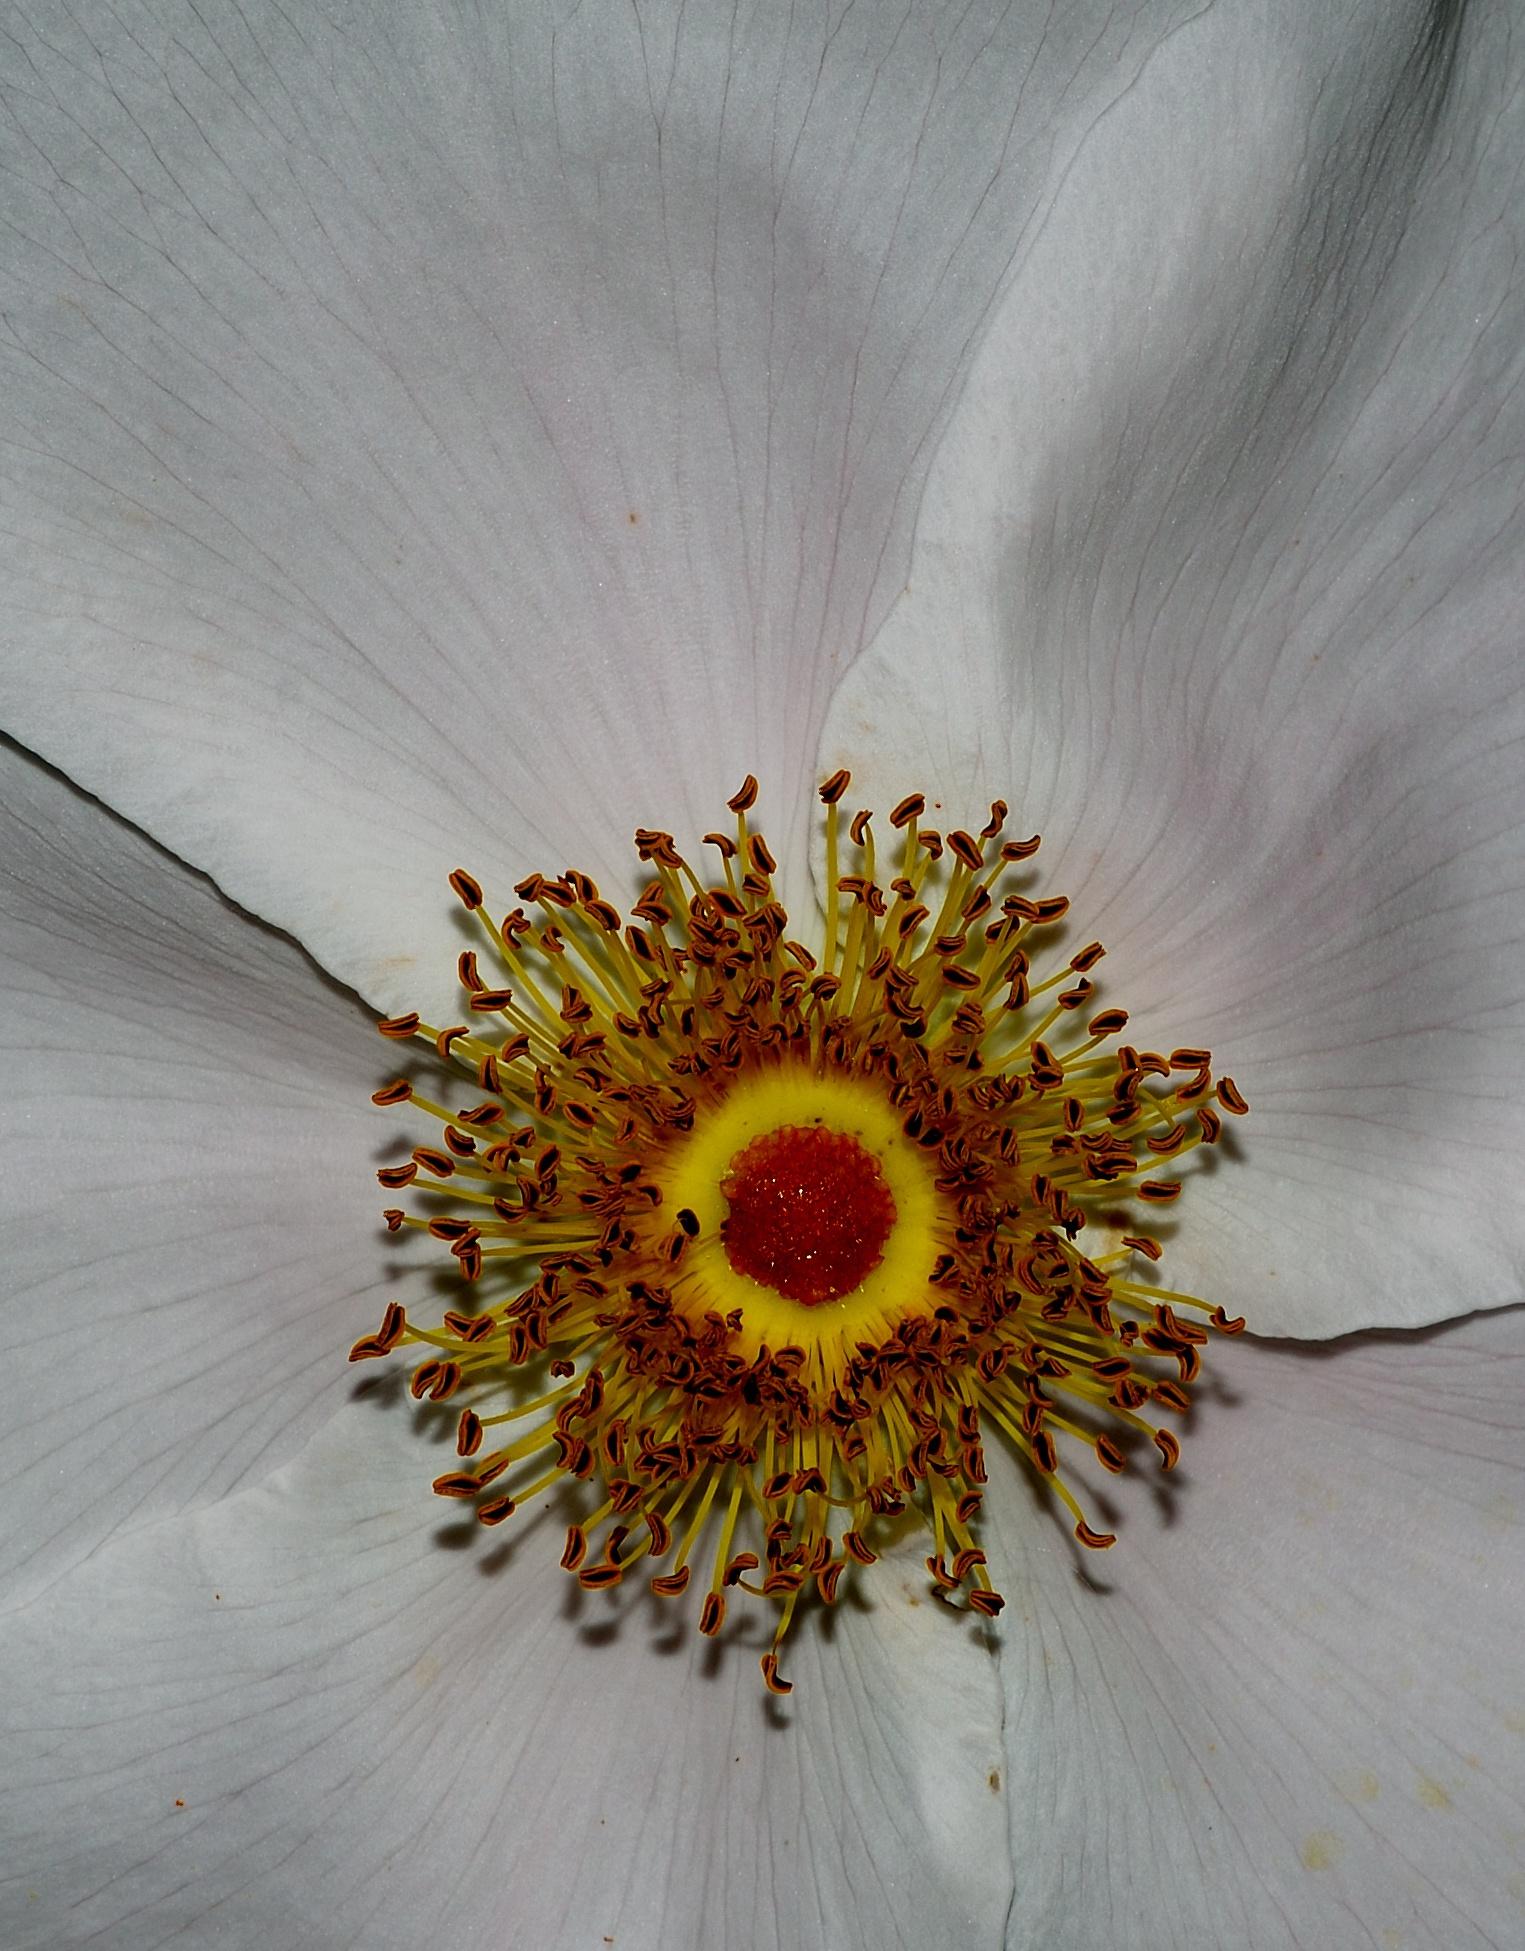 Flower 7 by Bret